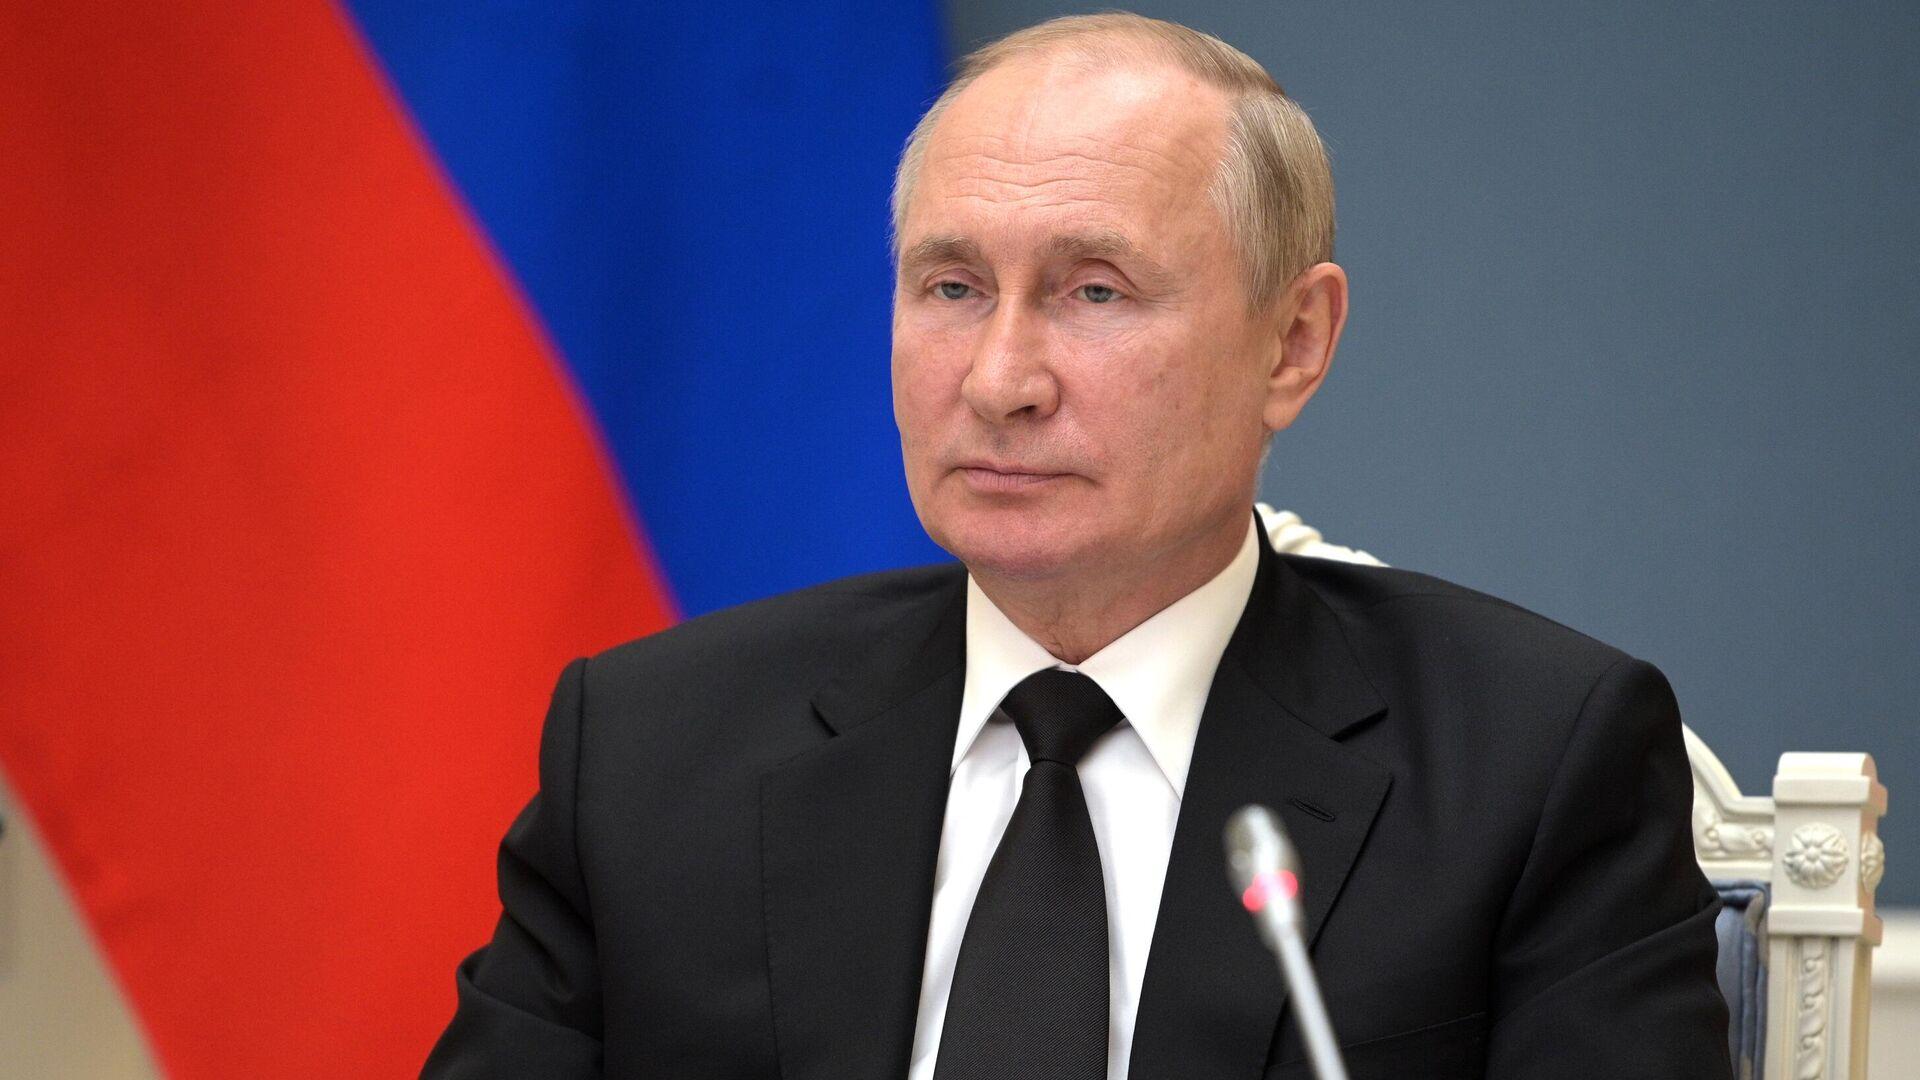 Президент России Владимир Путин - Sputnik Грузия, 1920, 29.09.2021